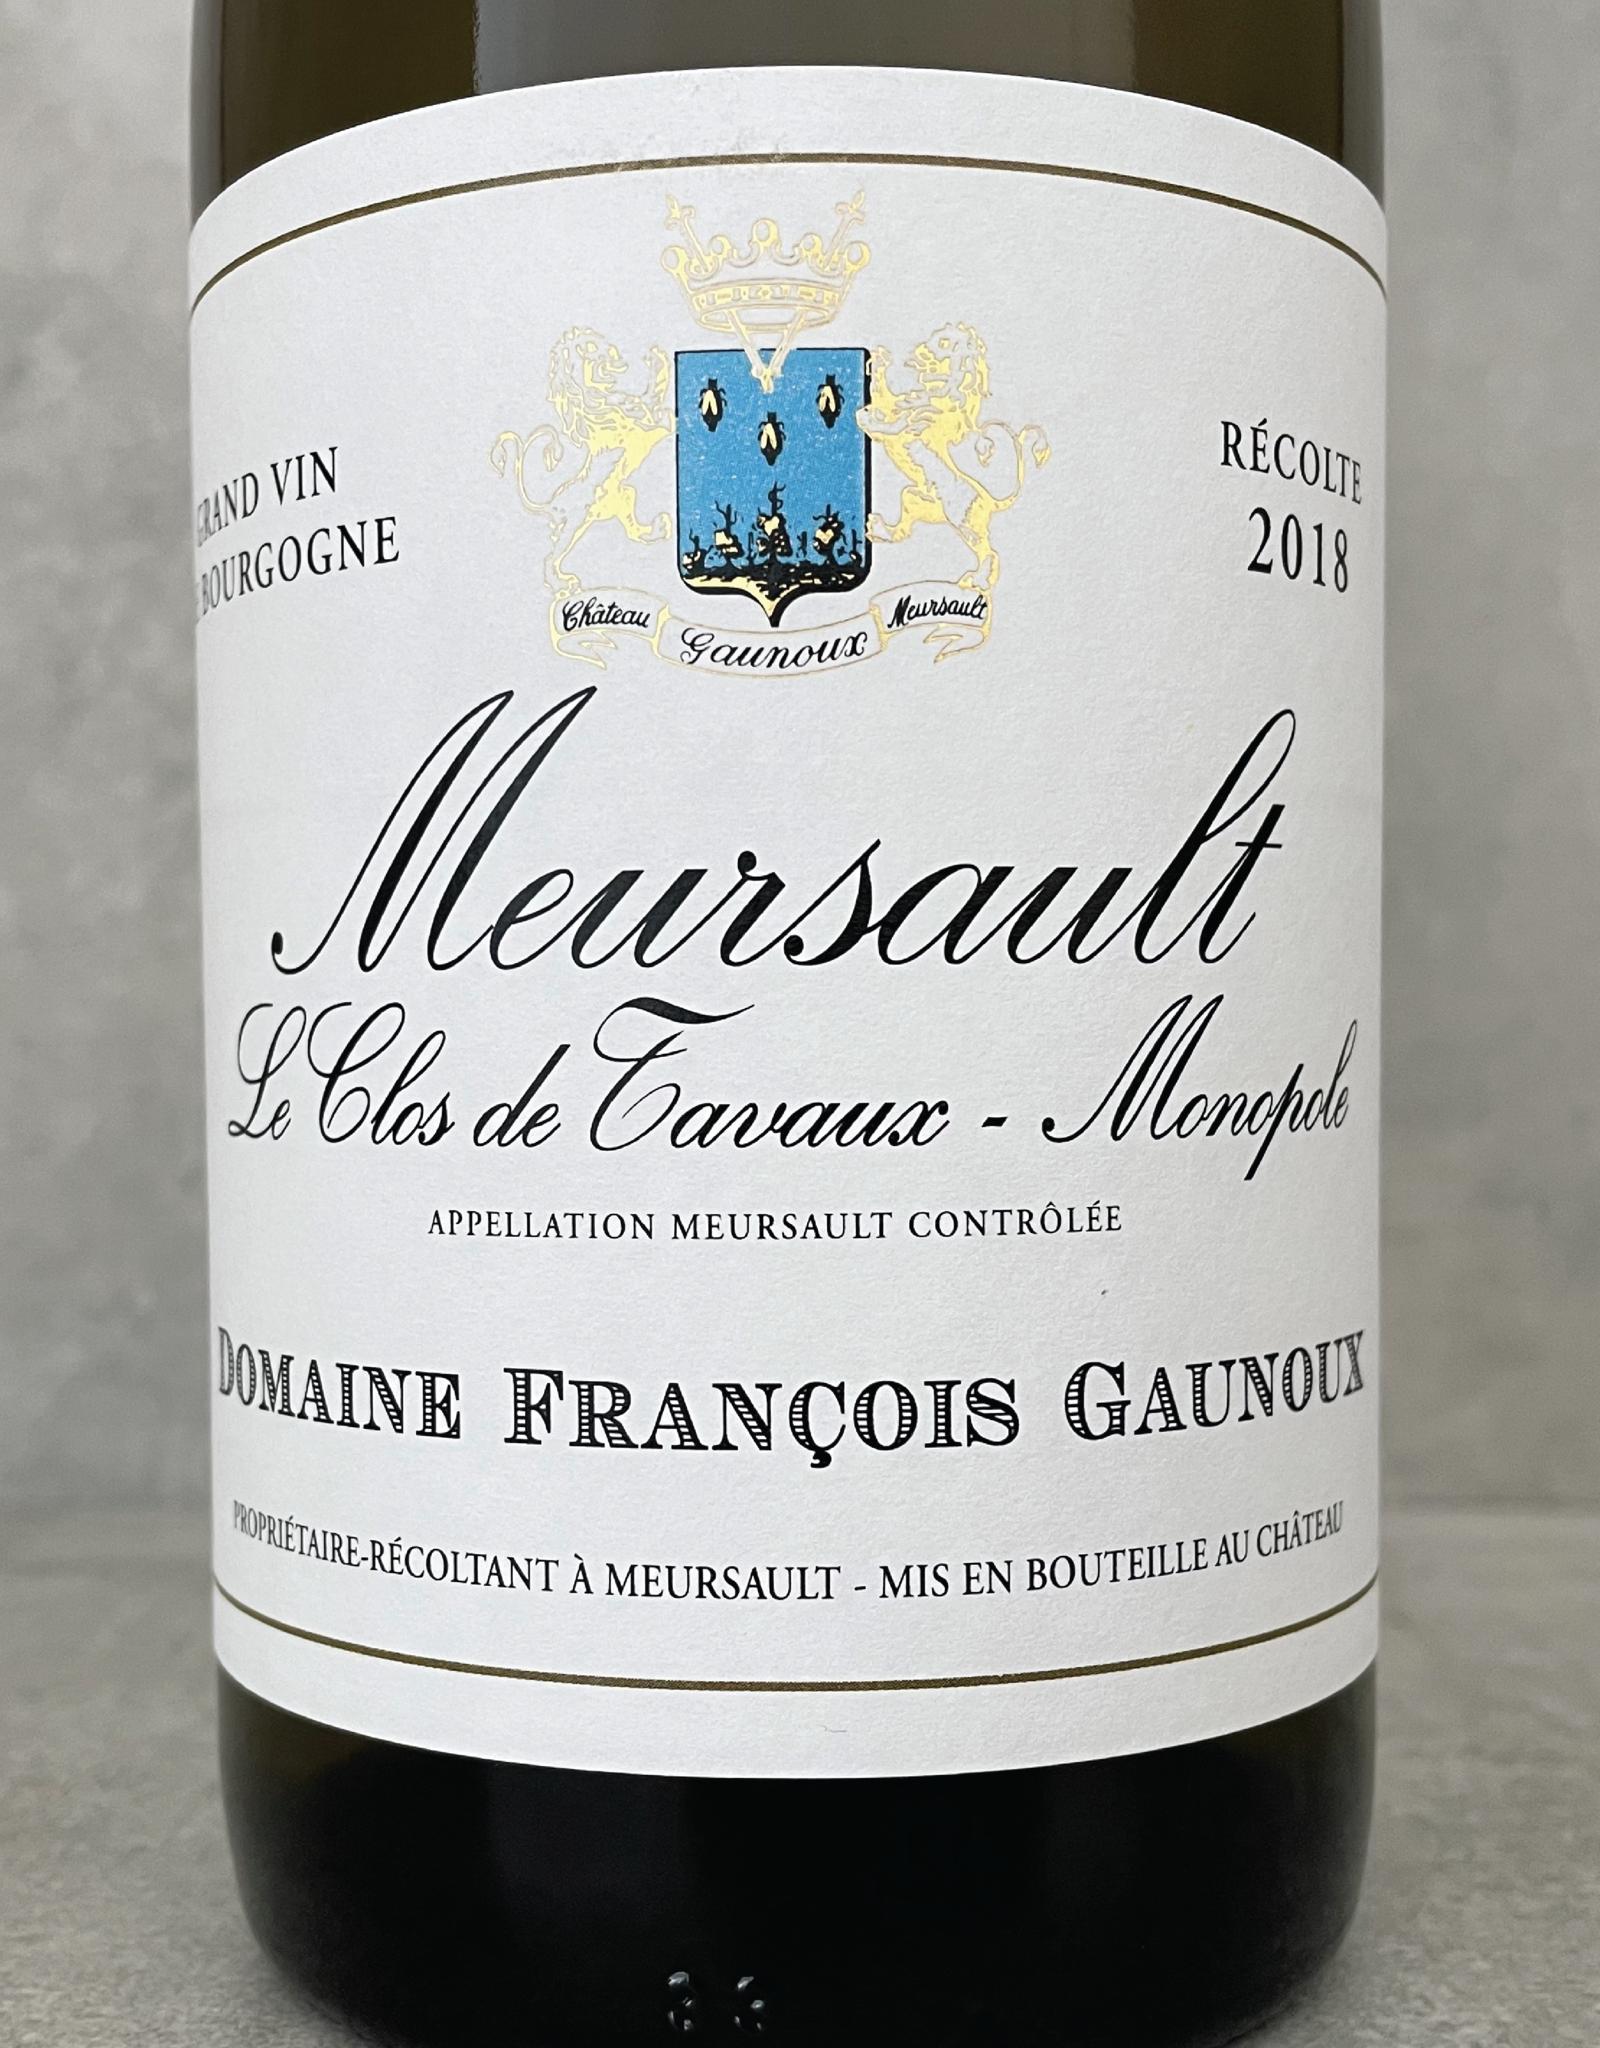 François Gaunoux Meursault Clos de Tavaux Monopole 2018